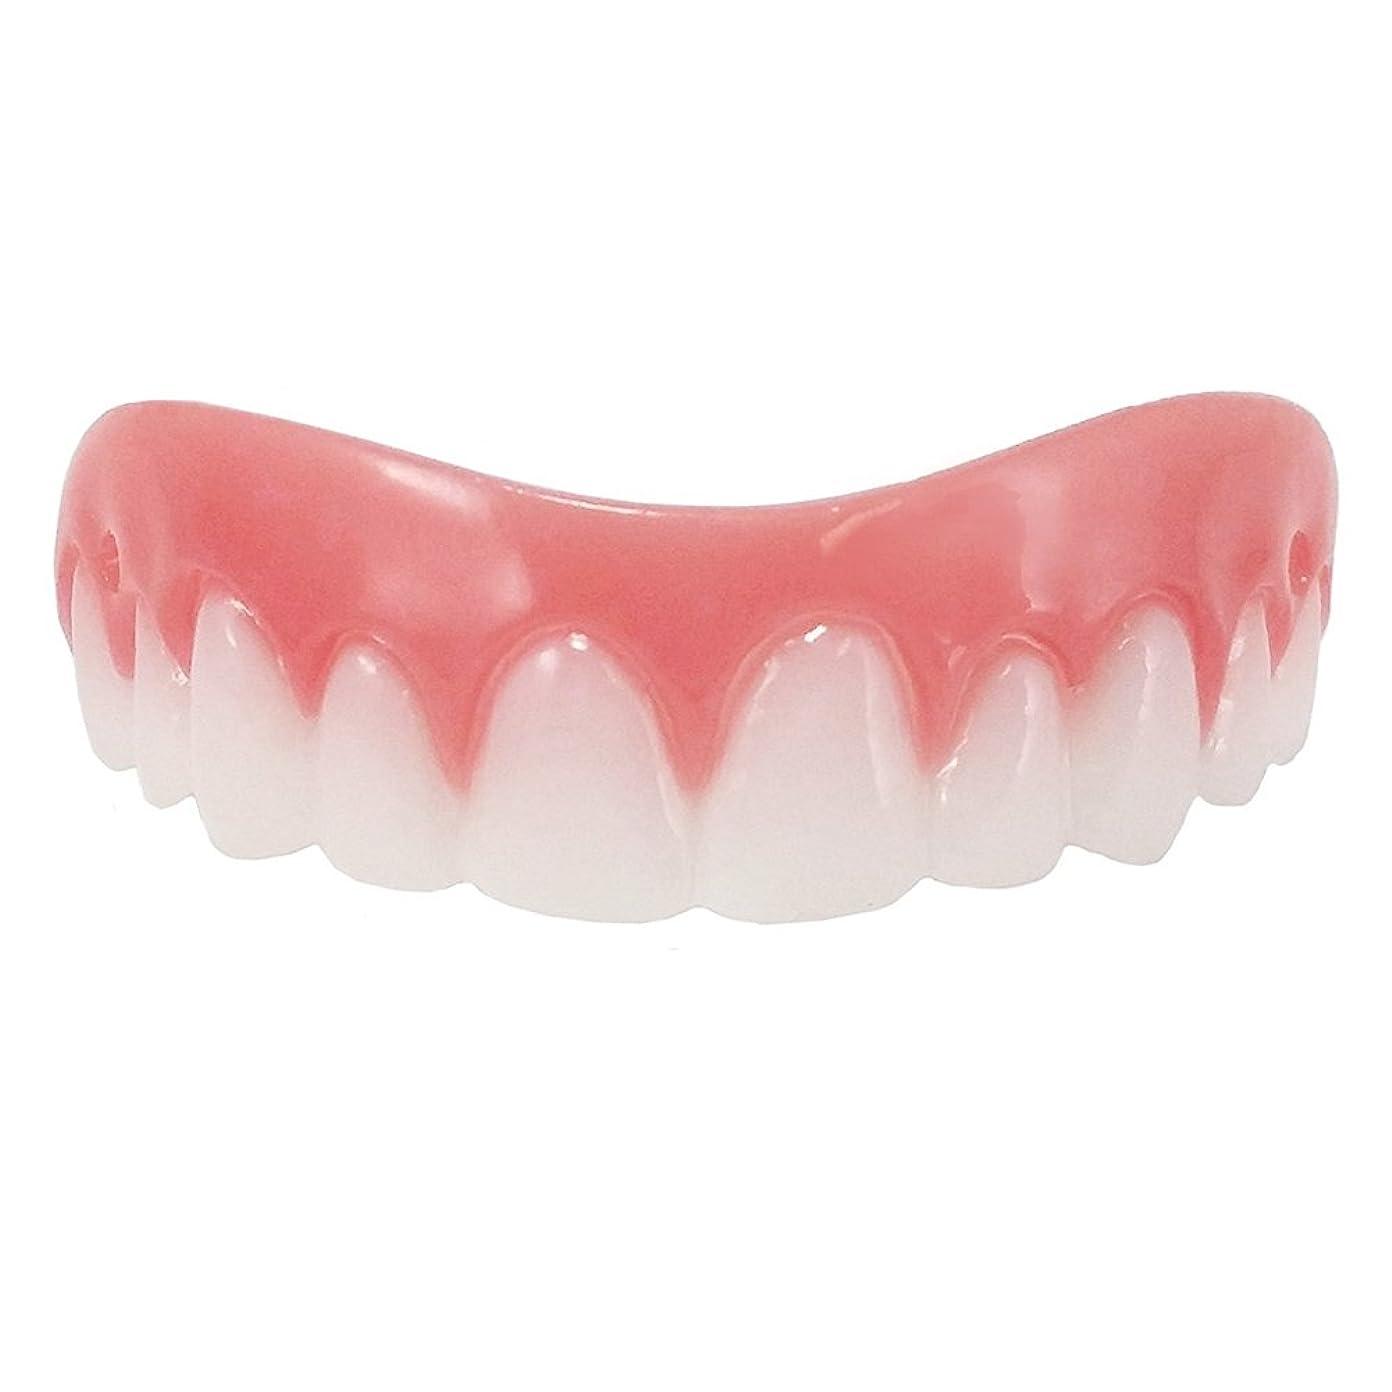 評価する不機嫌そうな武装解除シリコン義歯ペースト 美容用 入れ歯 上歯 下歯2個セット (free size)